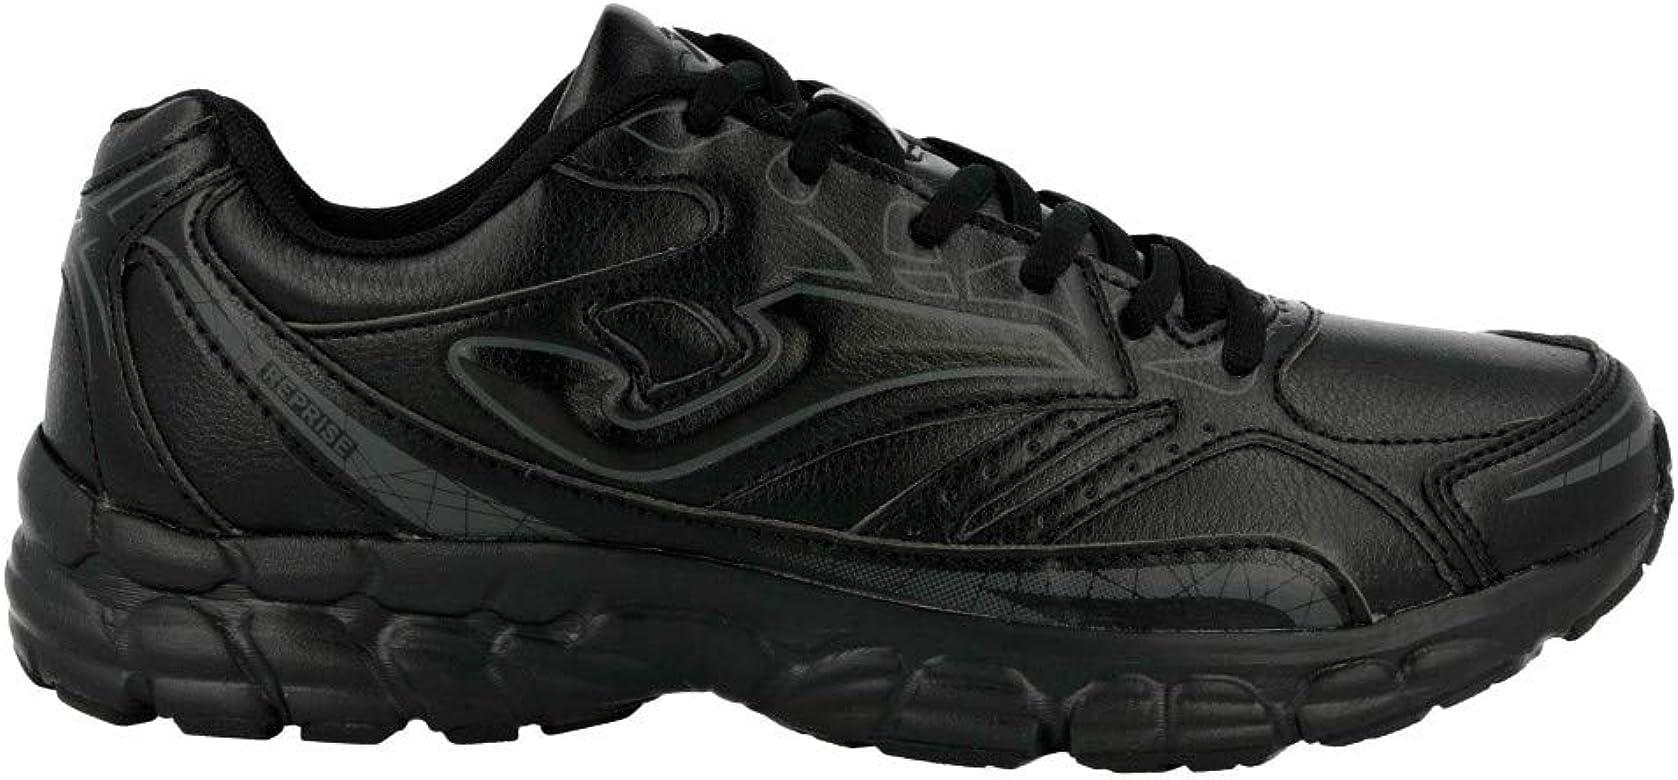 Zapatillas Deportivas para Hombre Joma Reprise 801 Negro: Amazon.es: Zapatos y complementos